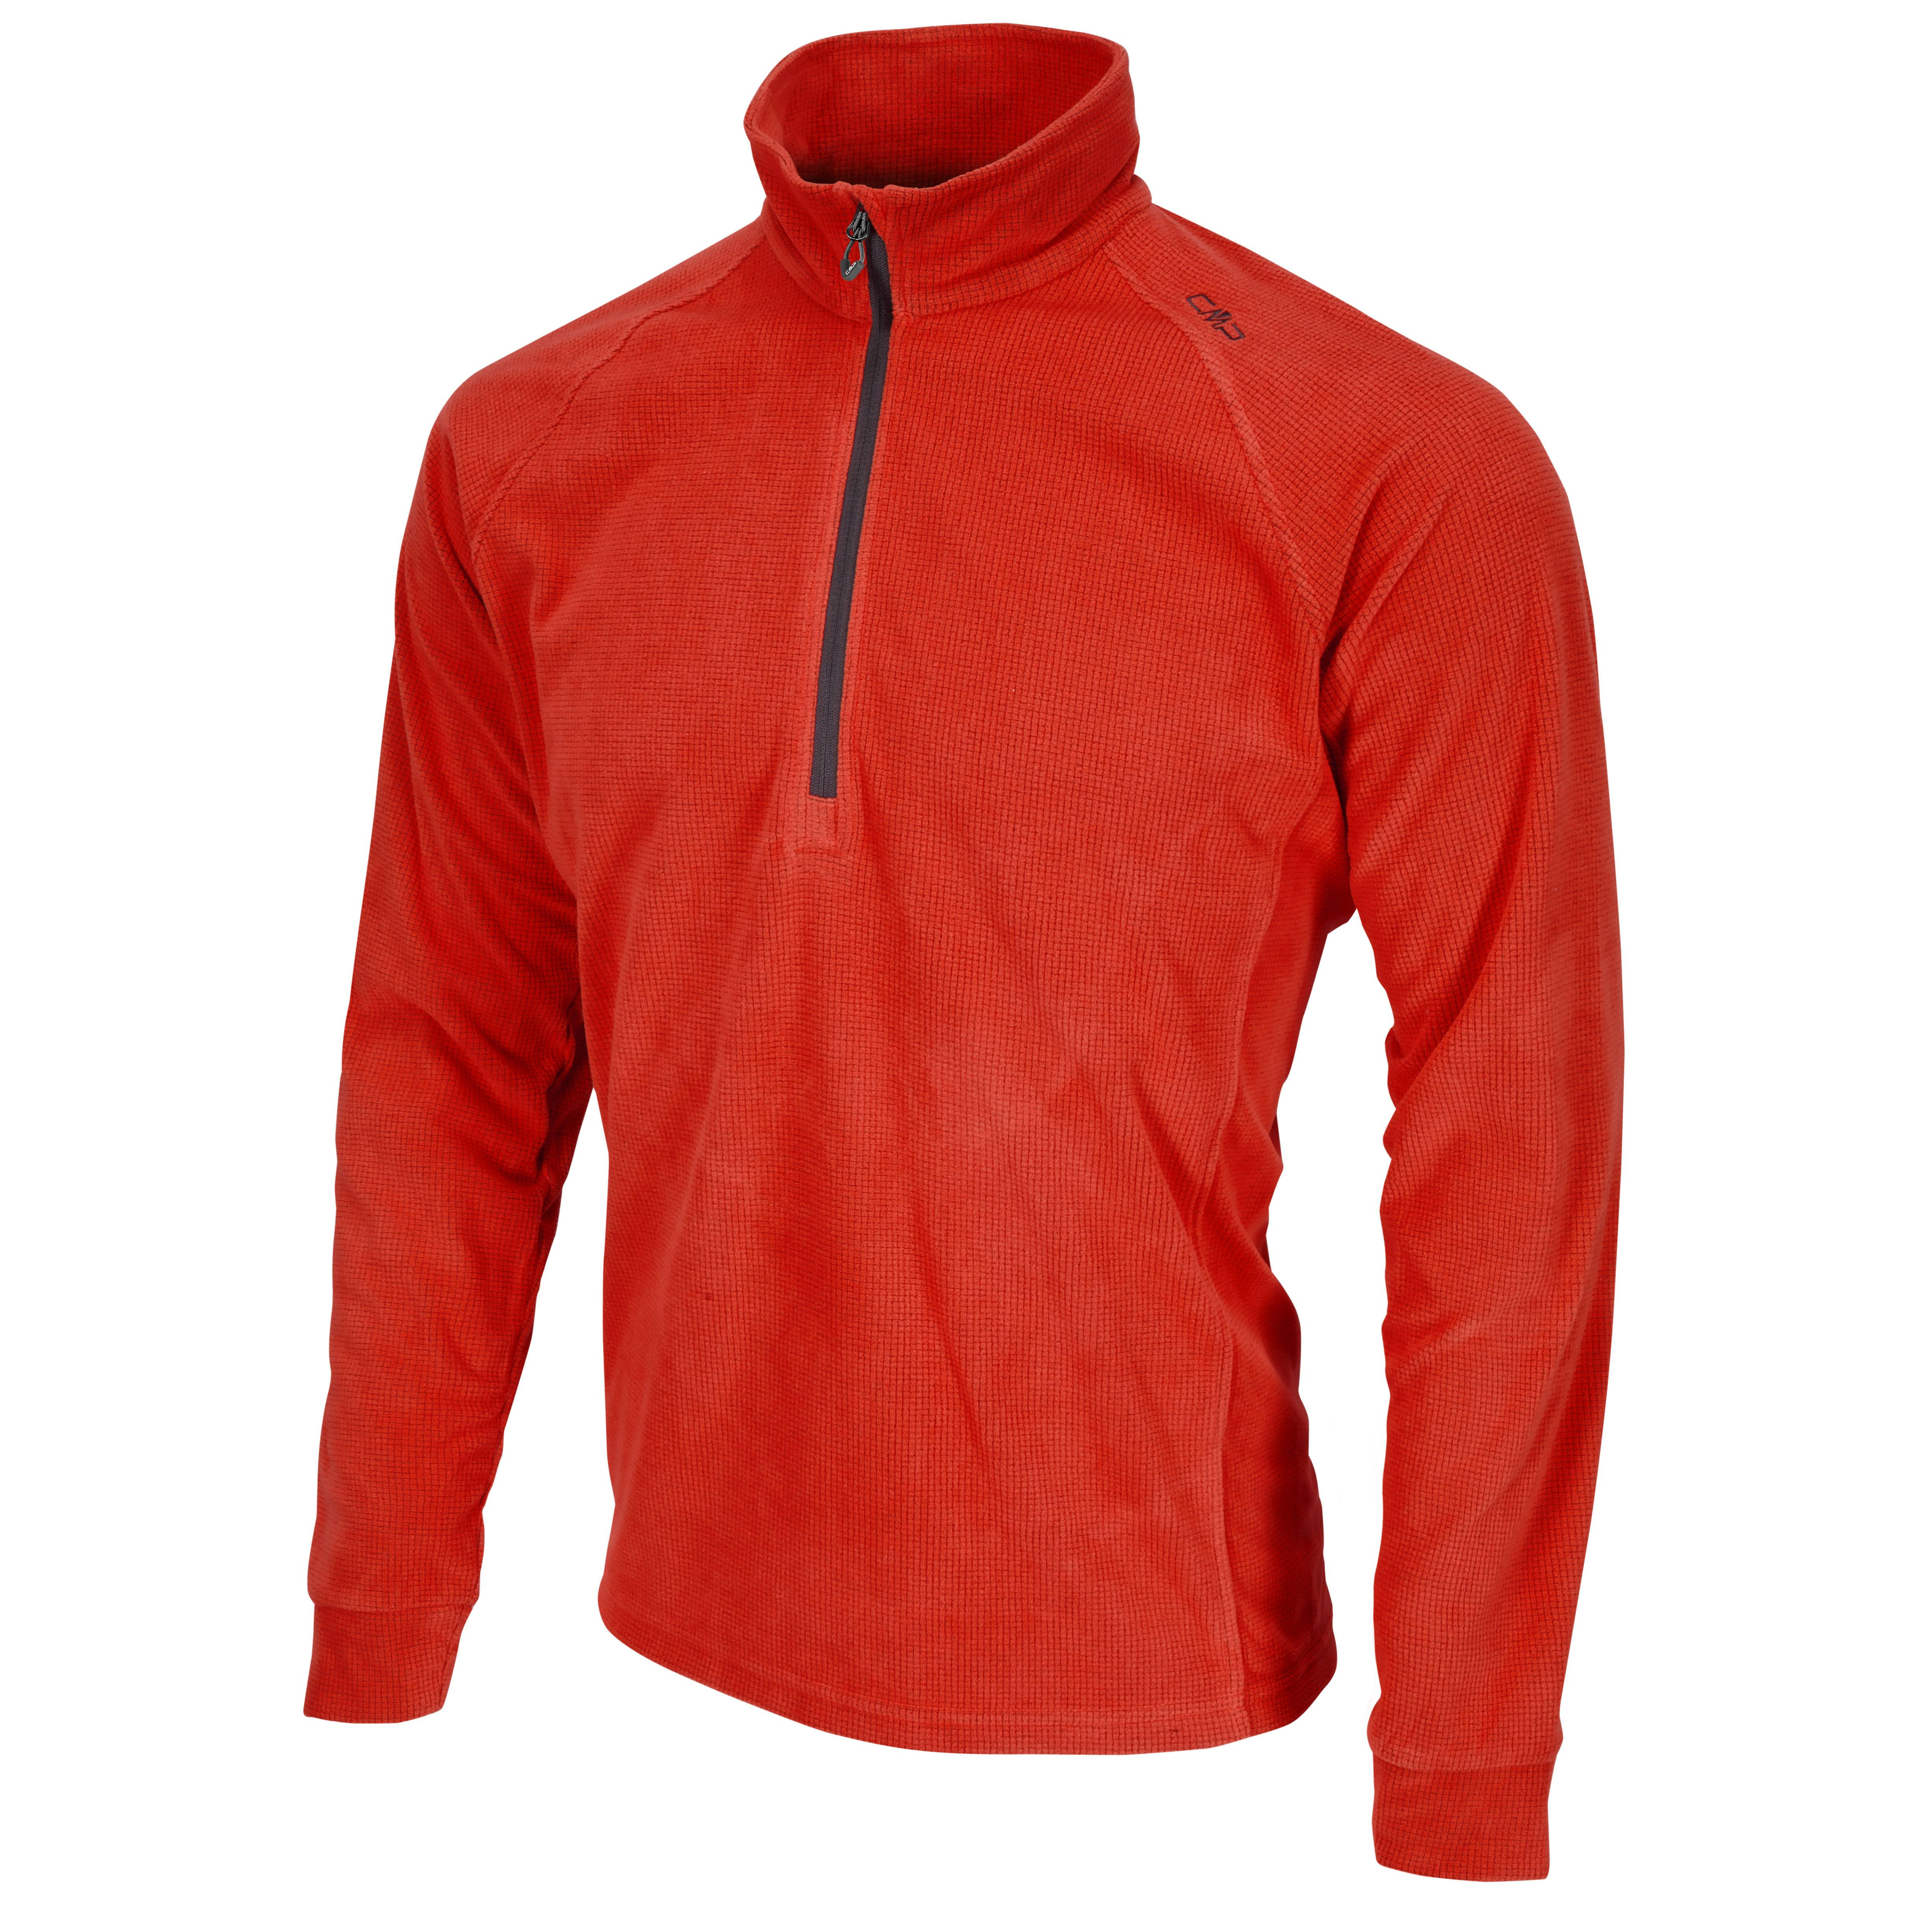 CMP-Sudadera-de-polar-Camiseta-con-cuello-Puente-de-la-funcion-rojo-Cremallera